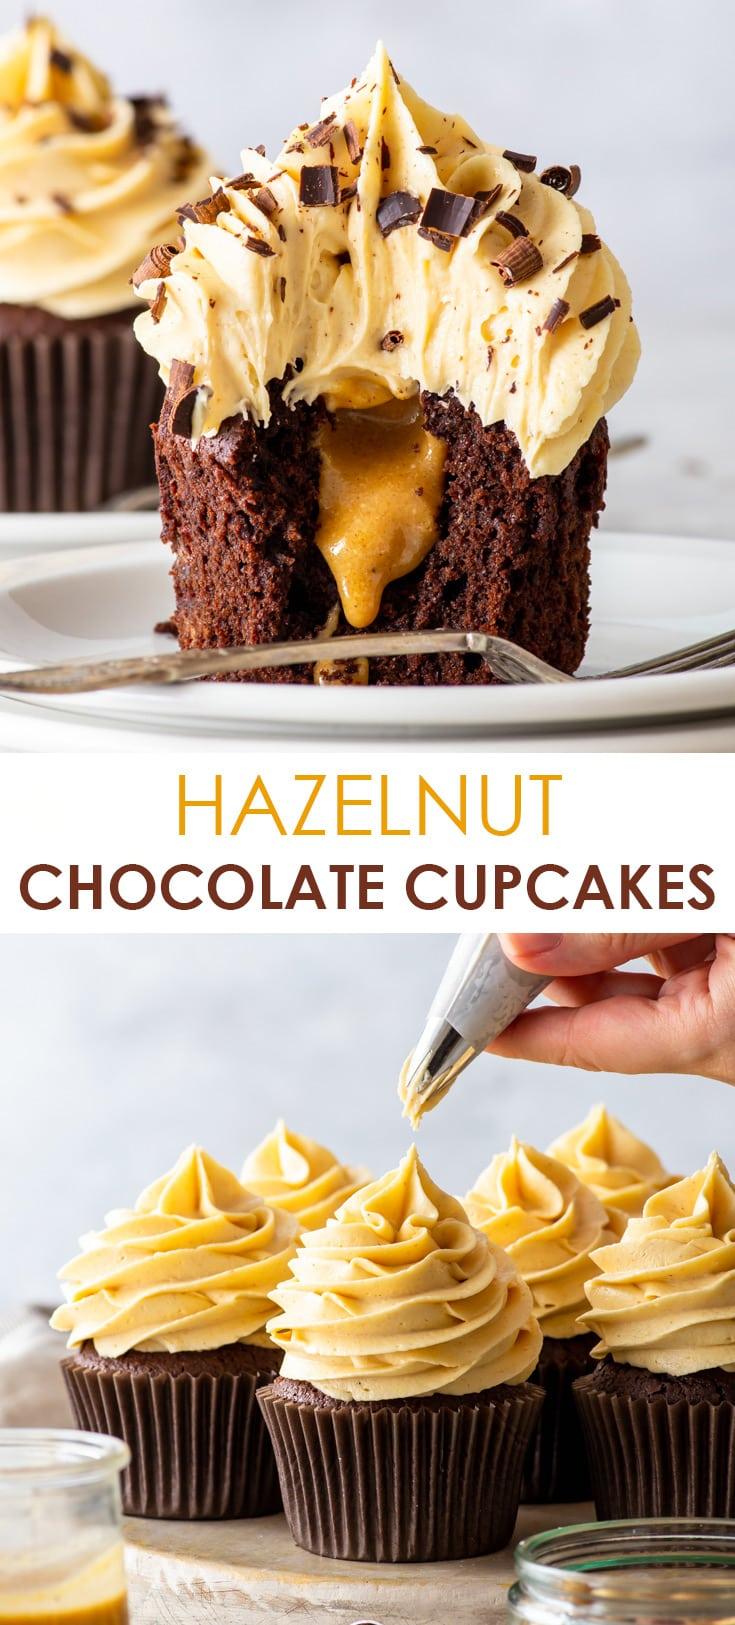 Pinterest image for hazelnut chocolate cupcakes.